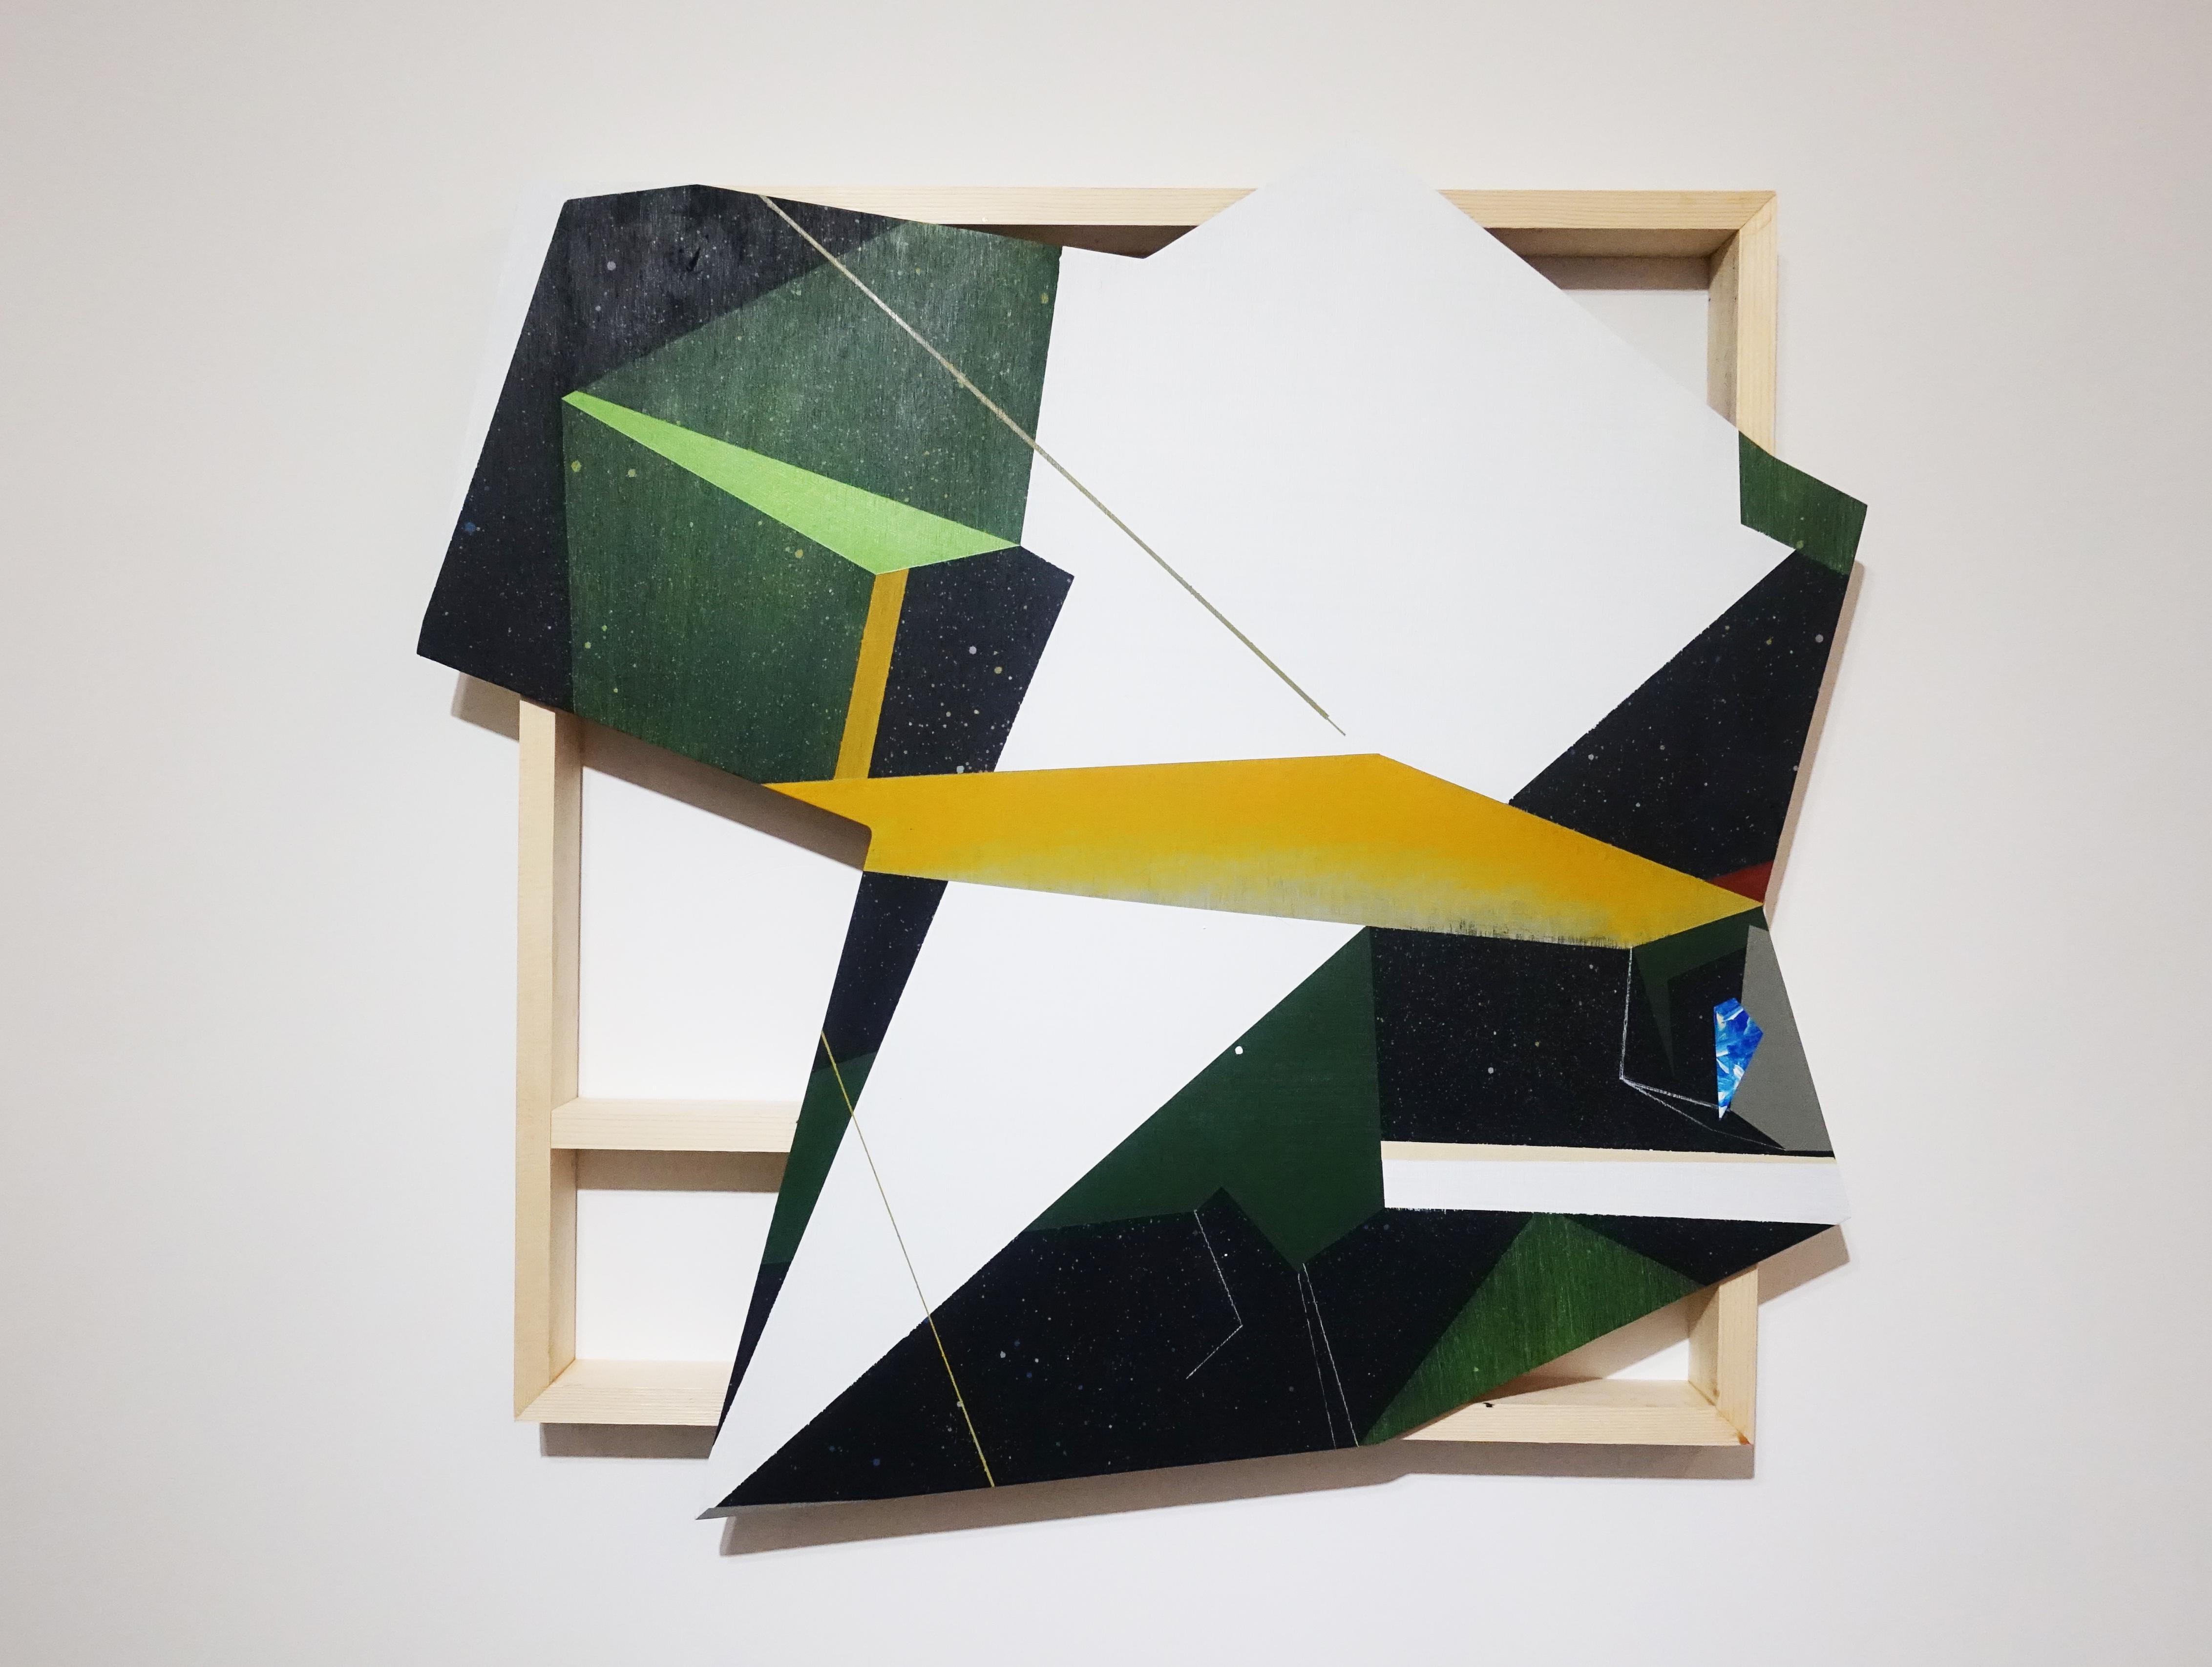 張獻文,《層敘・砌1》,60x60x5 cm,木板、丙烯酸顏料、炭精筆、鉛筆,2019。